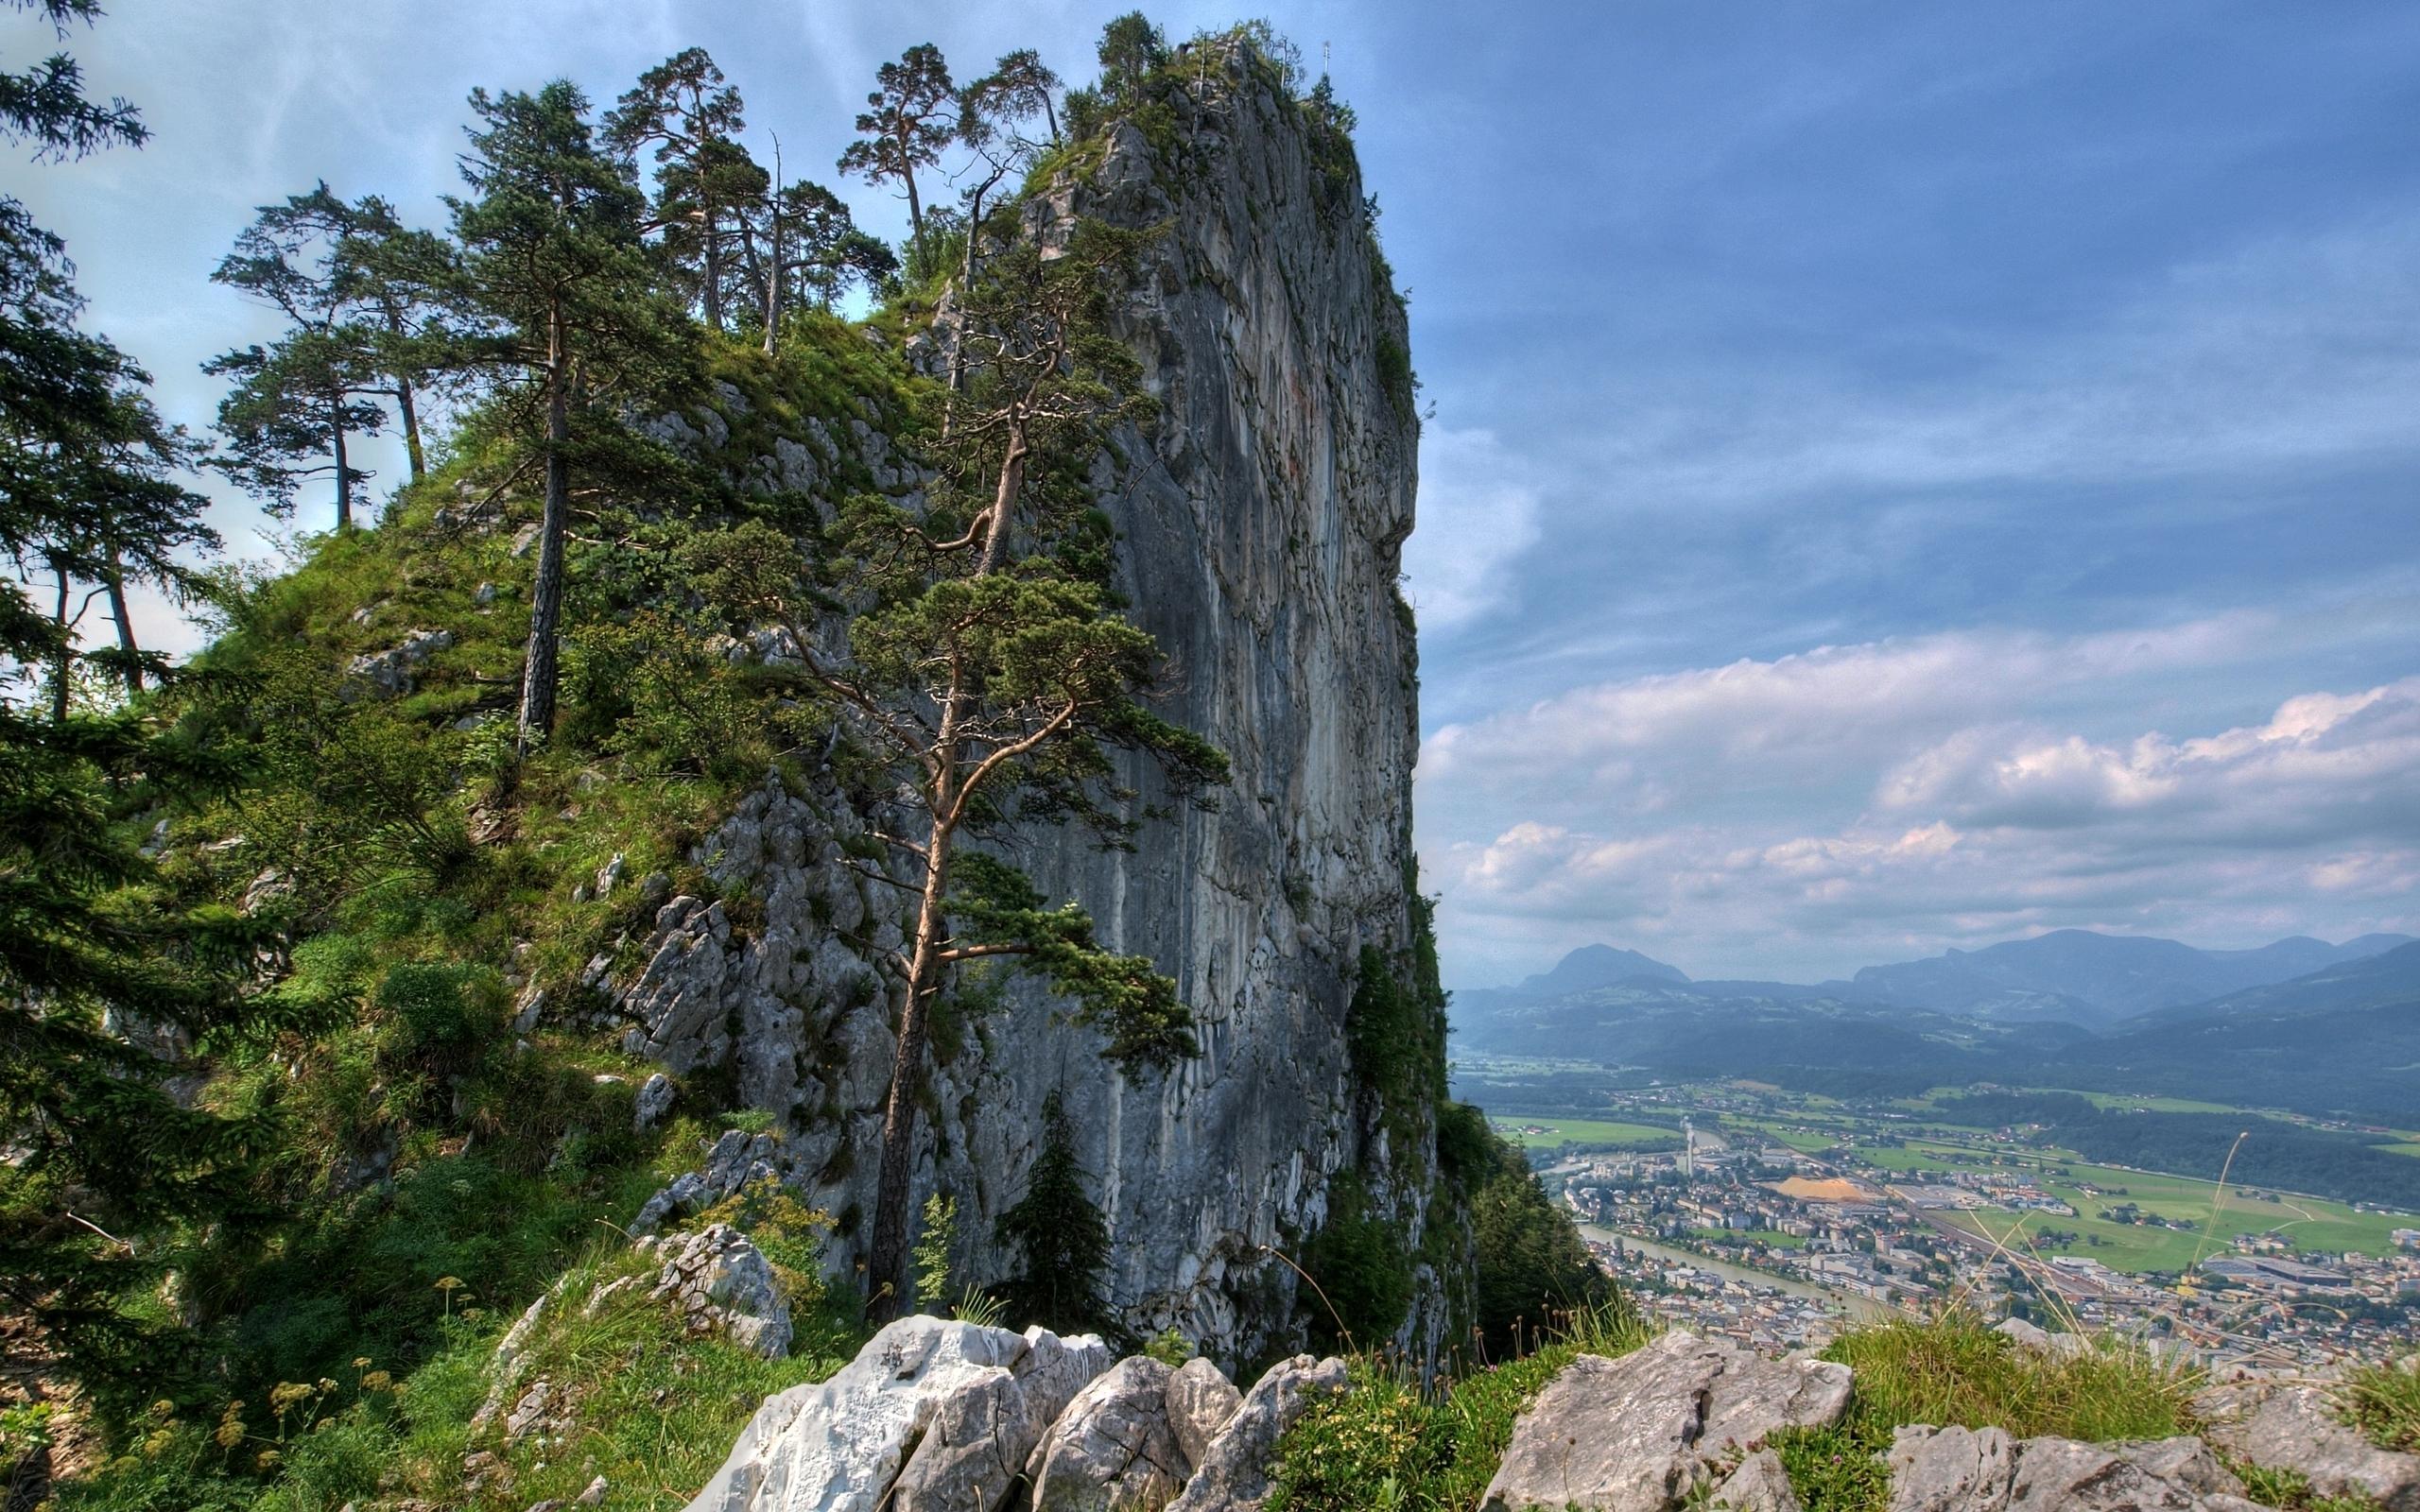 природа горы деревья скалы небо nature mountains trees rock the sky  № 379257 бесплатно